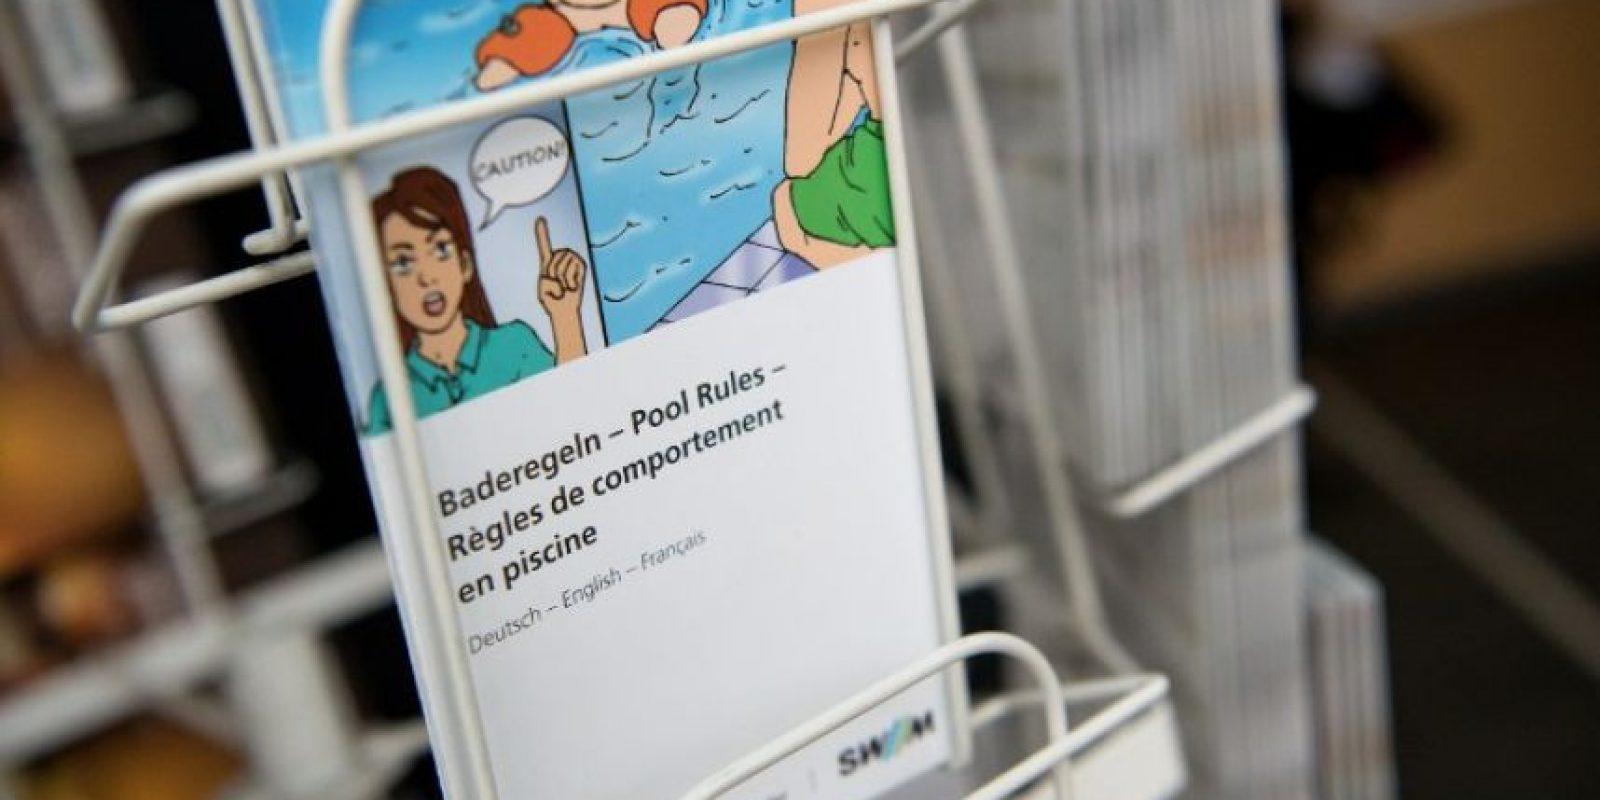 La prohibición de refugiados llegó debido a que se le acusaba de acoso sexual Foto:AFP